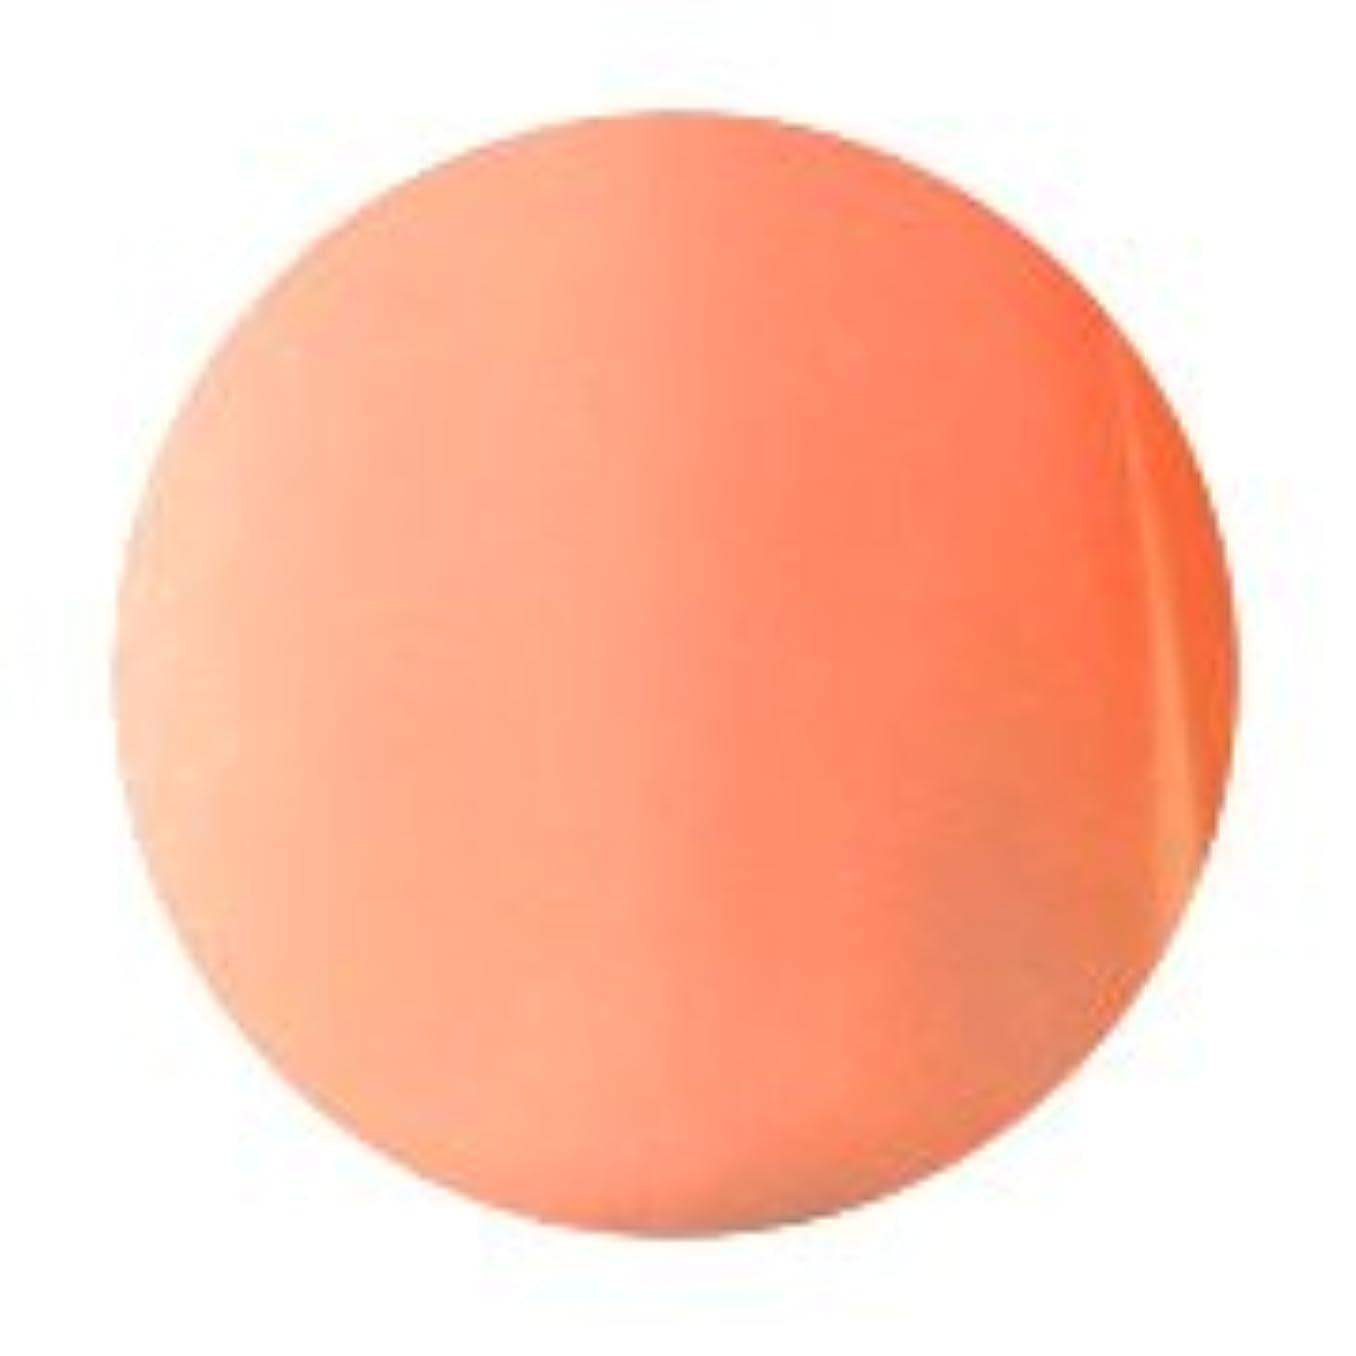 血まみれの地理添加剤★Putiel(プティール) カラージェル ラヴィング 3g L6 ブラッドオレンジ